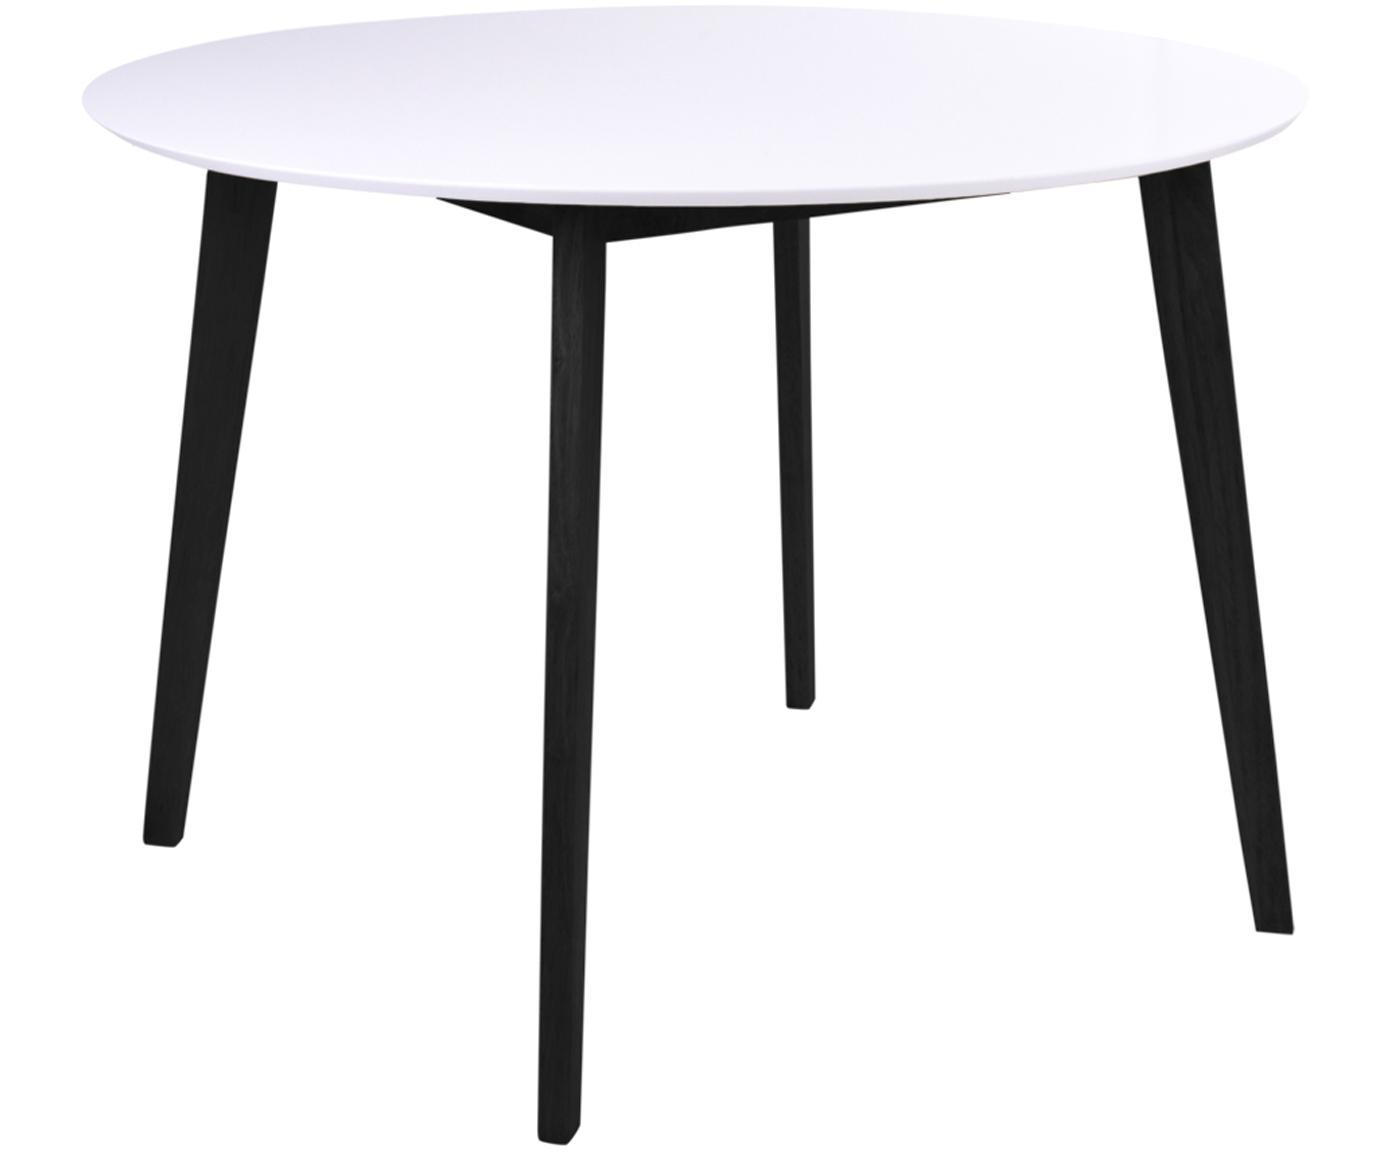 Ronde eettafel Vojens, MDF, rubberhout, Wit, zwart, Ø 105 x H 75 cm